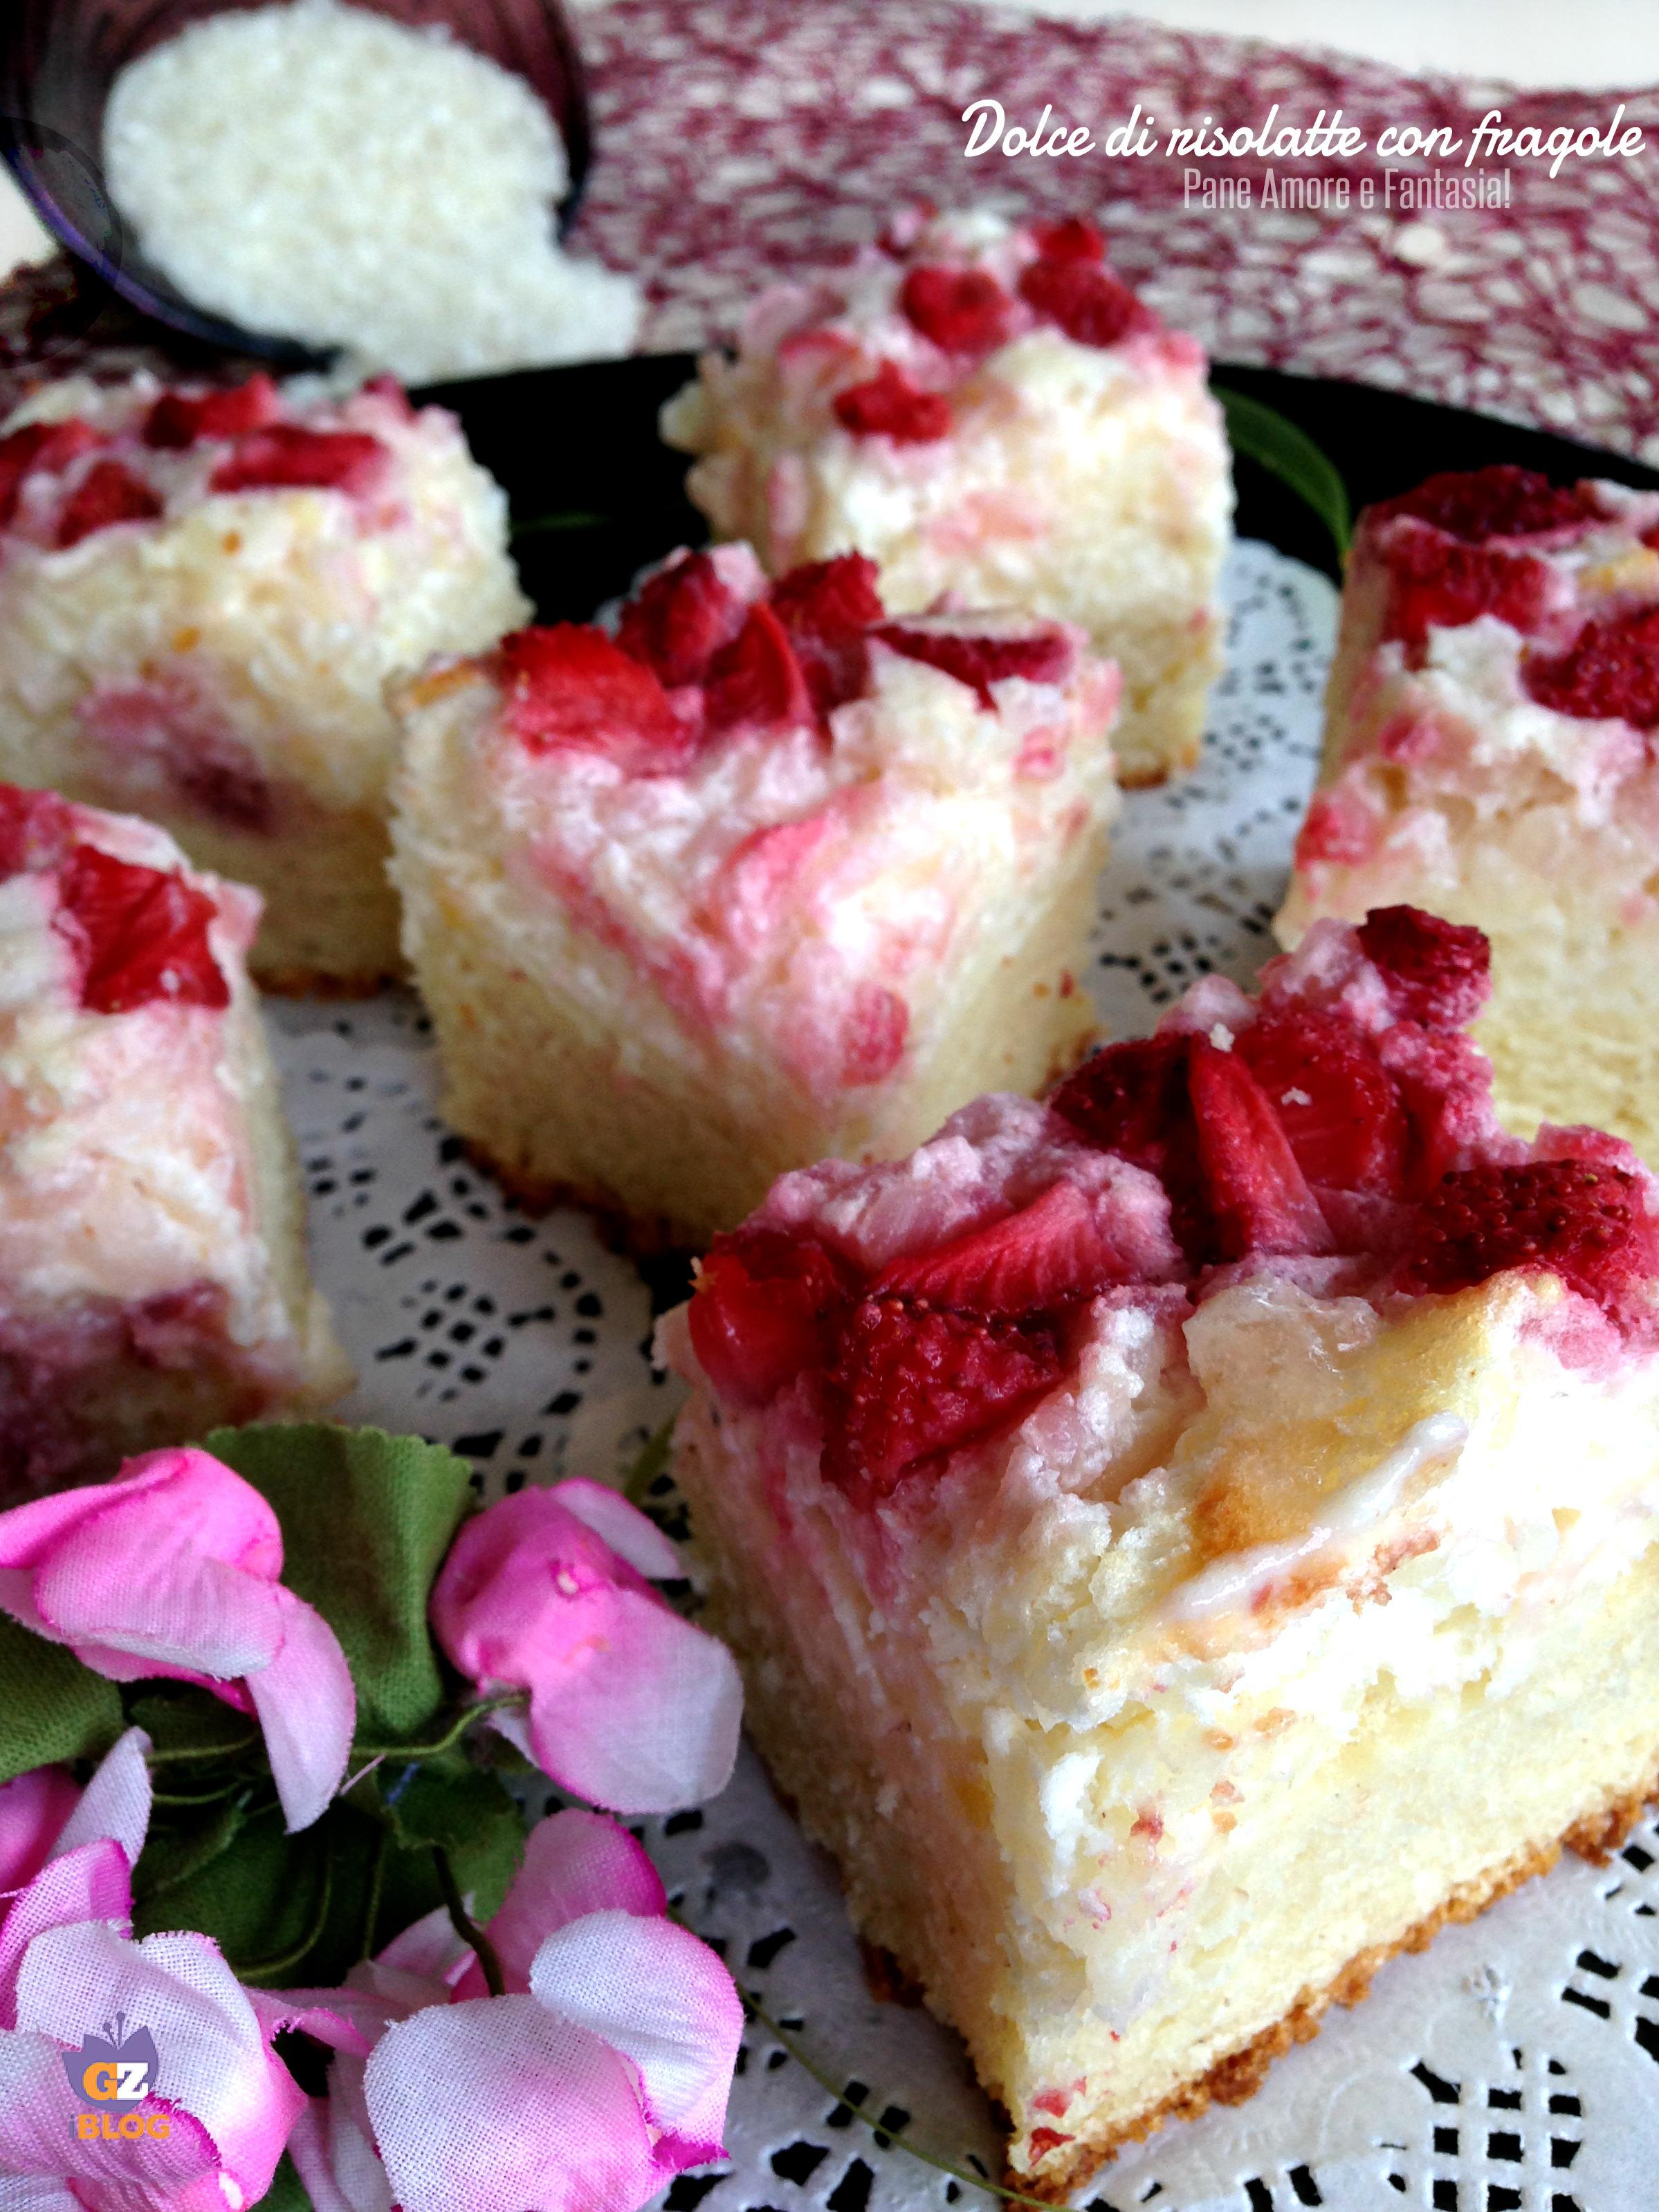 dolce di risolatte con fragole